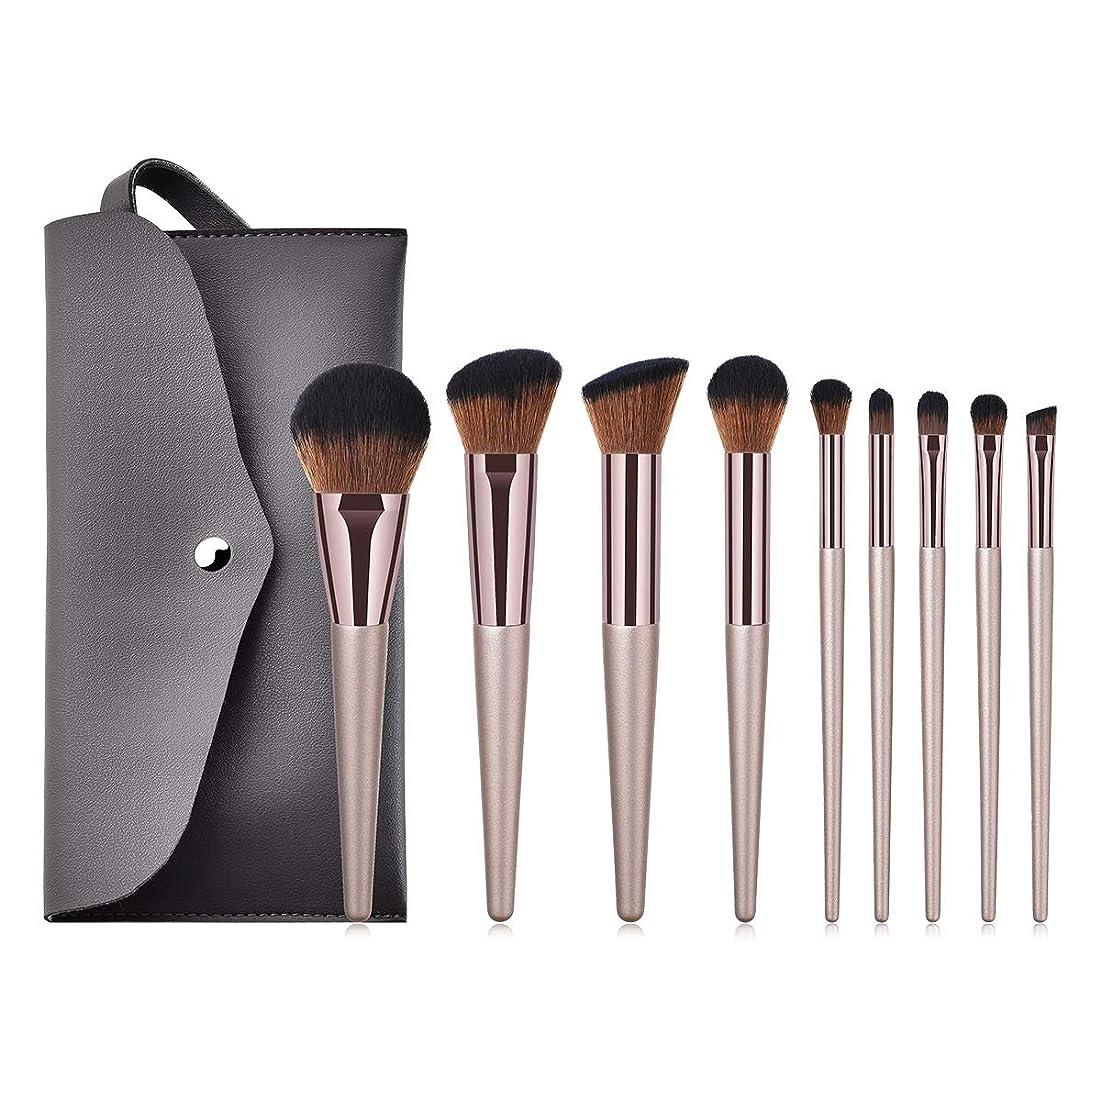 テンション創傷利点Makeup brushes PUレザーバッグで設定された豪華な9本の化粧ブラシ suits (Color : Gold)